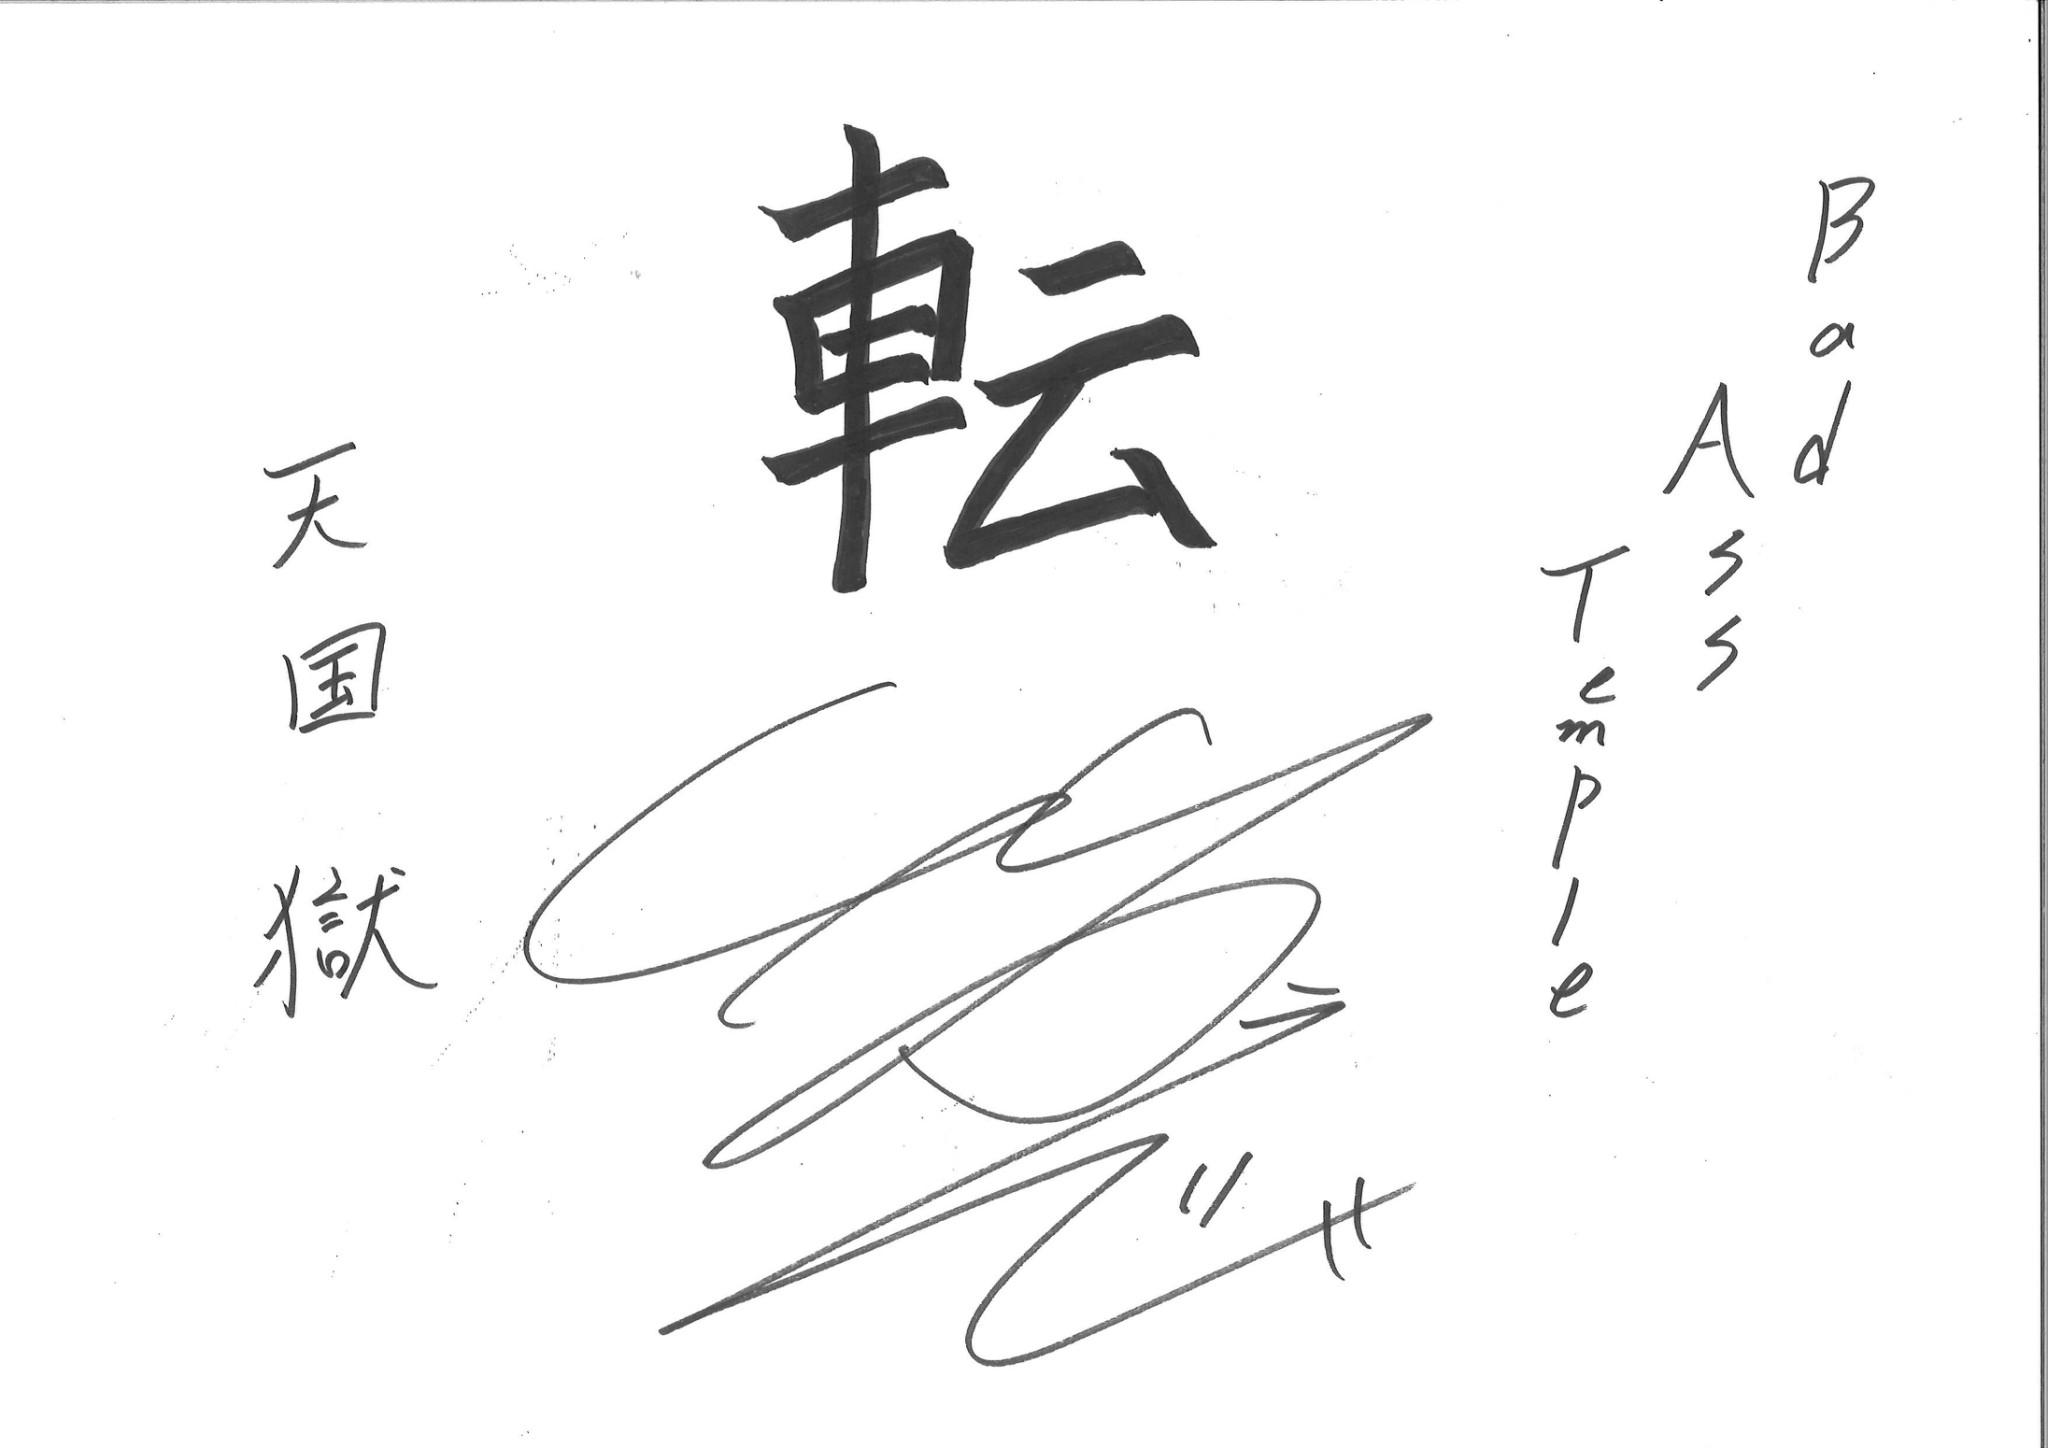 天国 獄 CV:竹内栄治 (C) King Record Co., Ltd. All rights reserved.